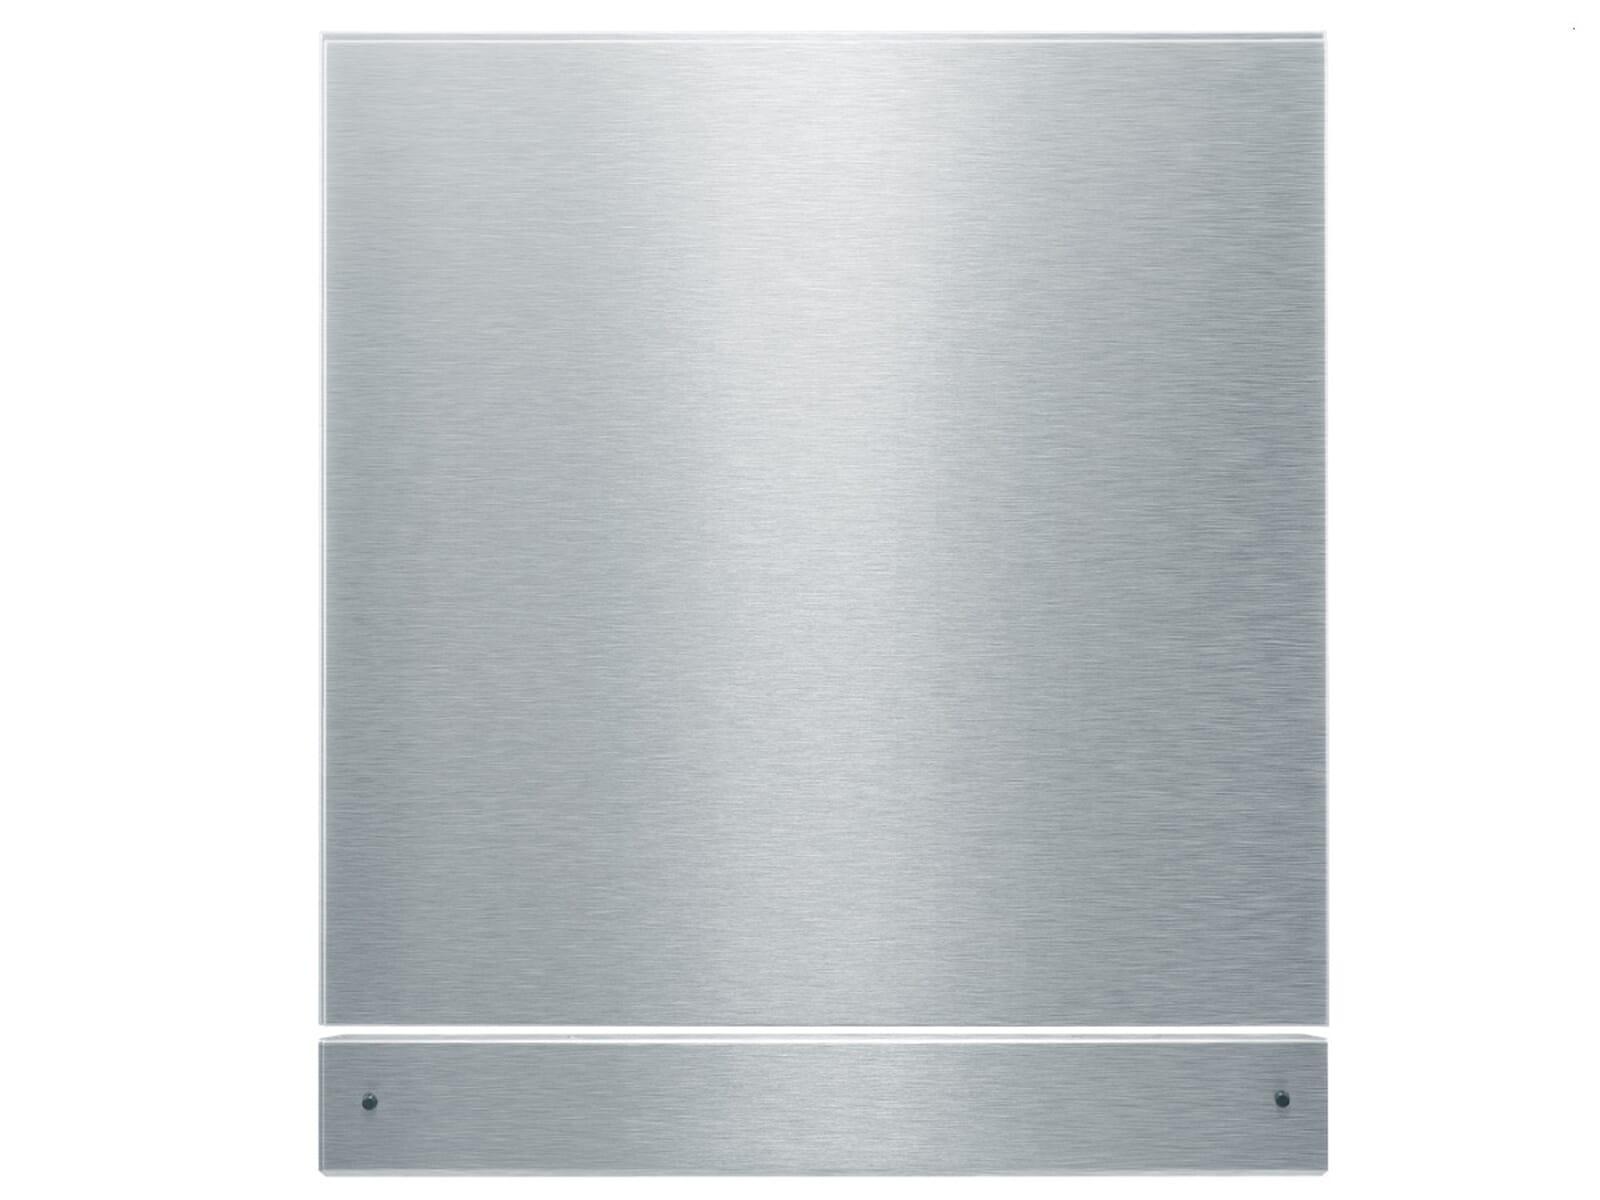 Bosch smz2044 sockelverkleidung und t r f r niro for Decoration porte lave vaisselle